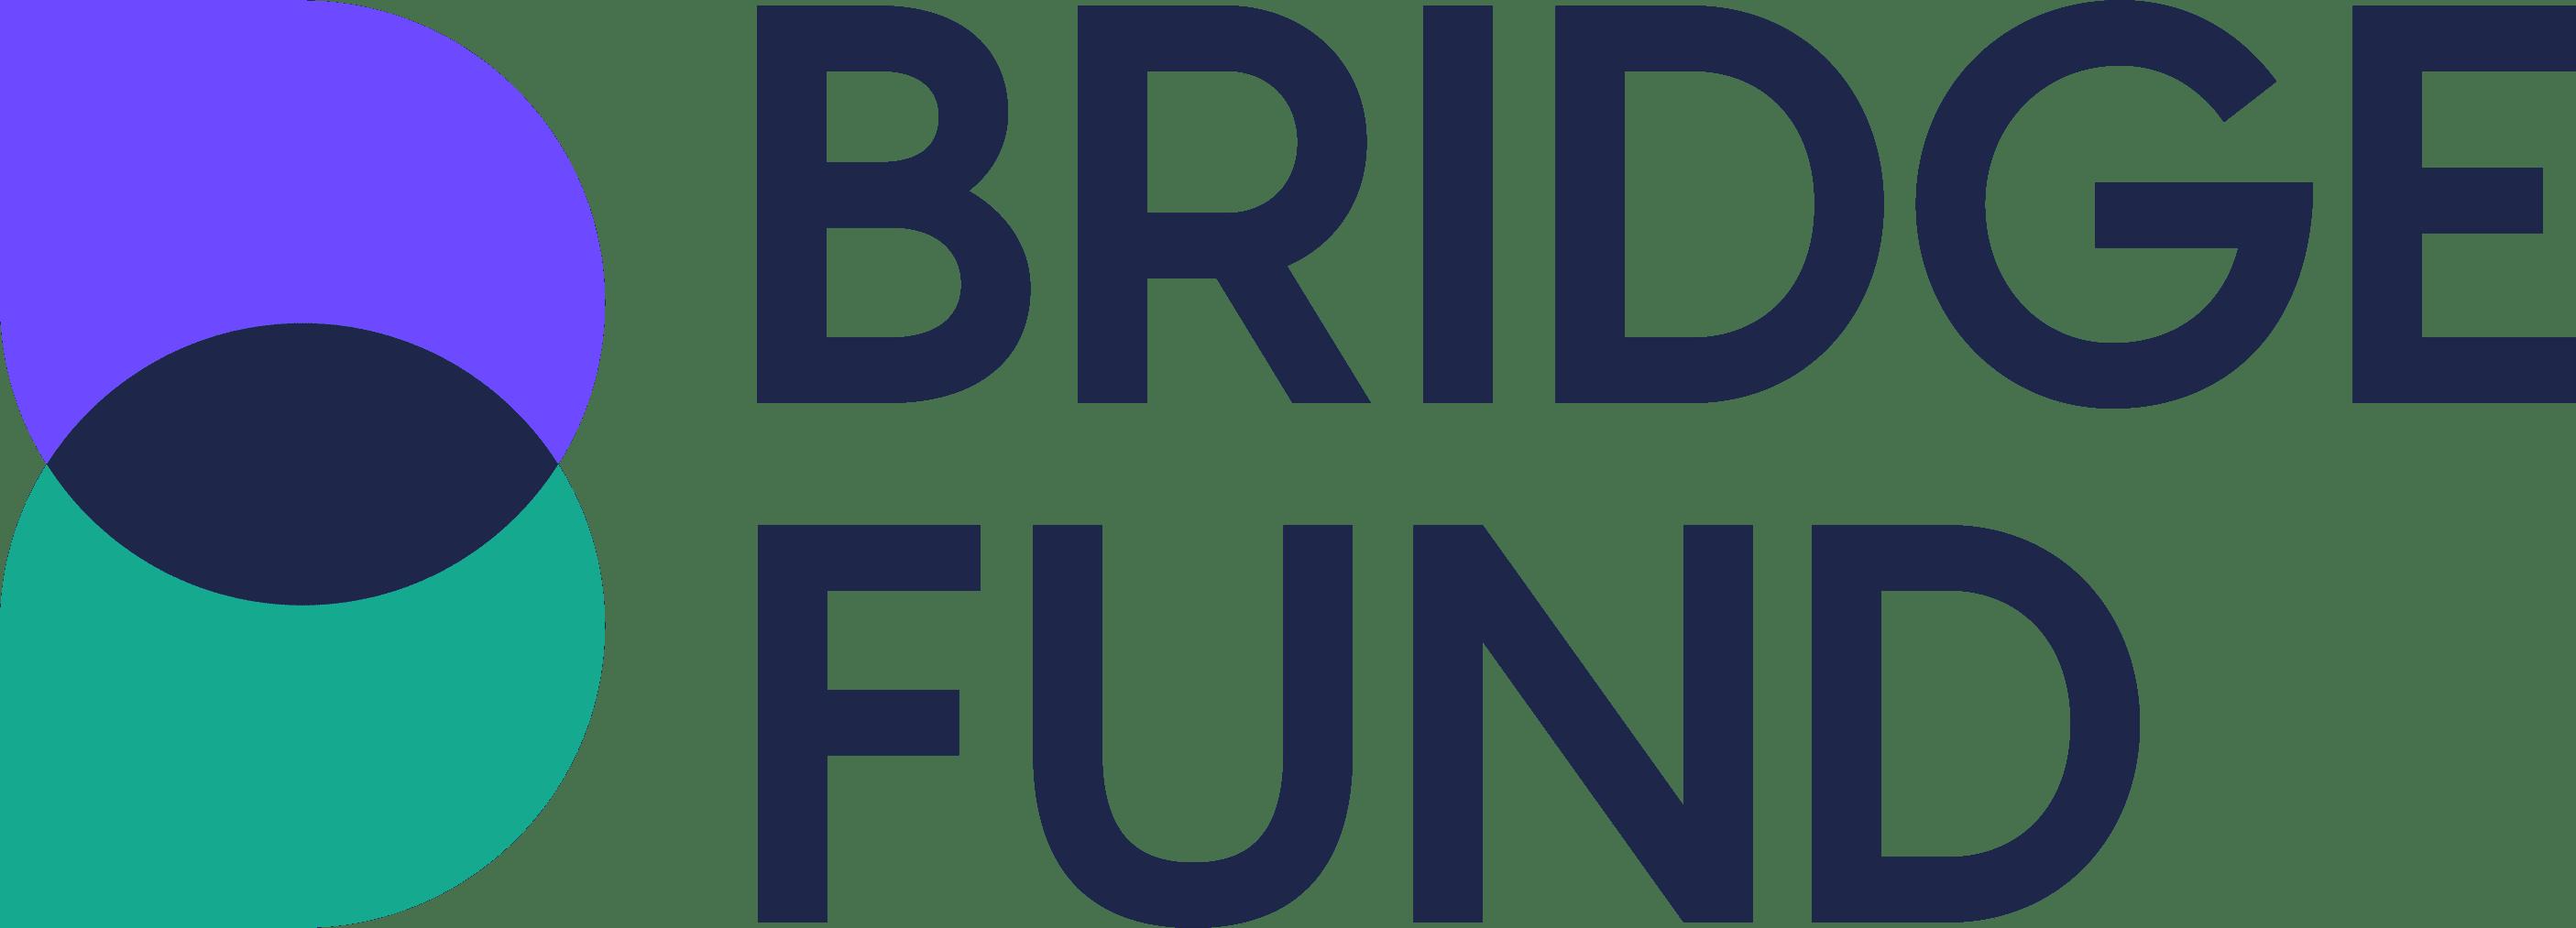 bridgefund logo